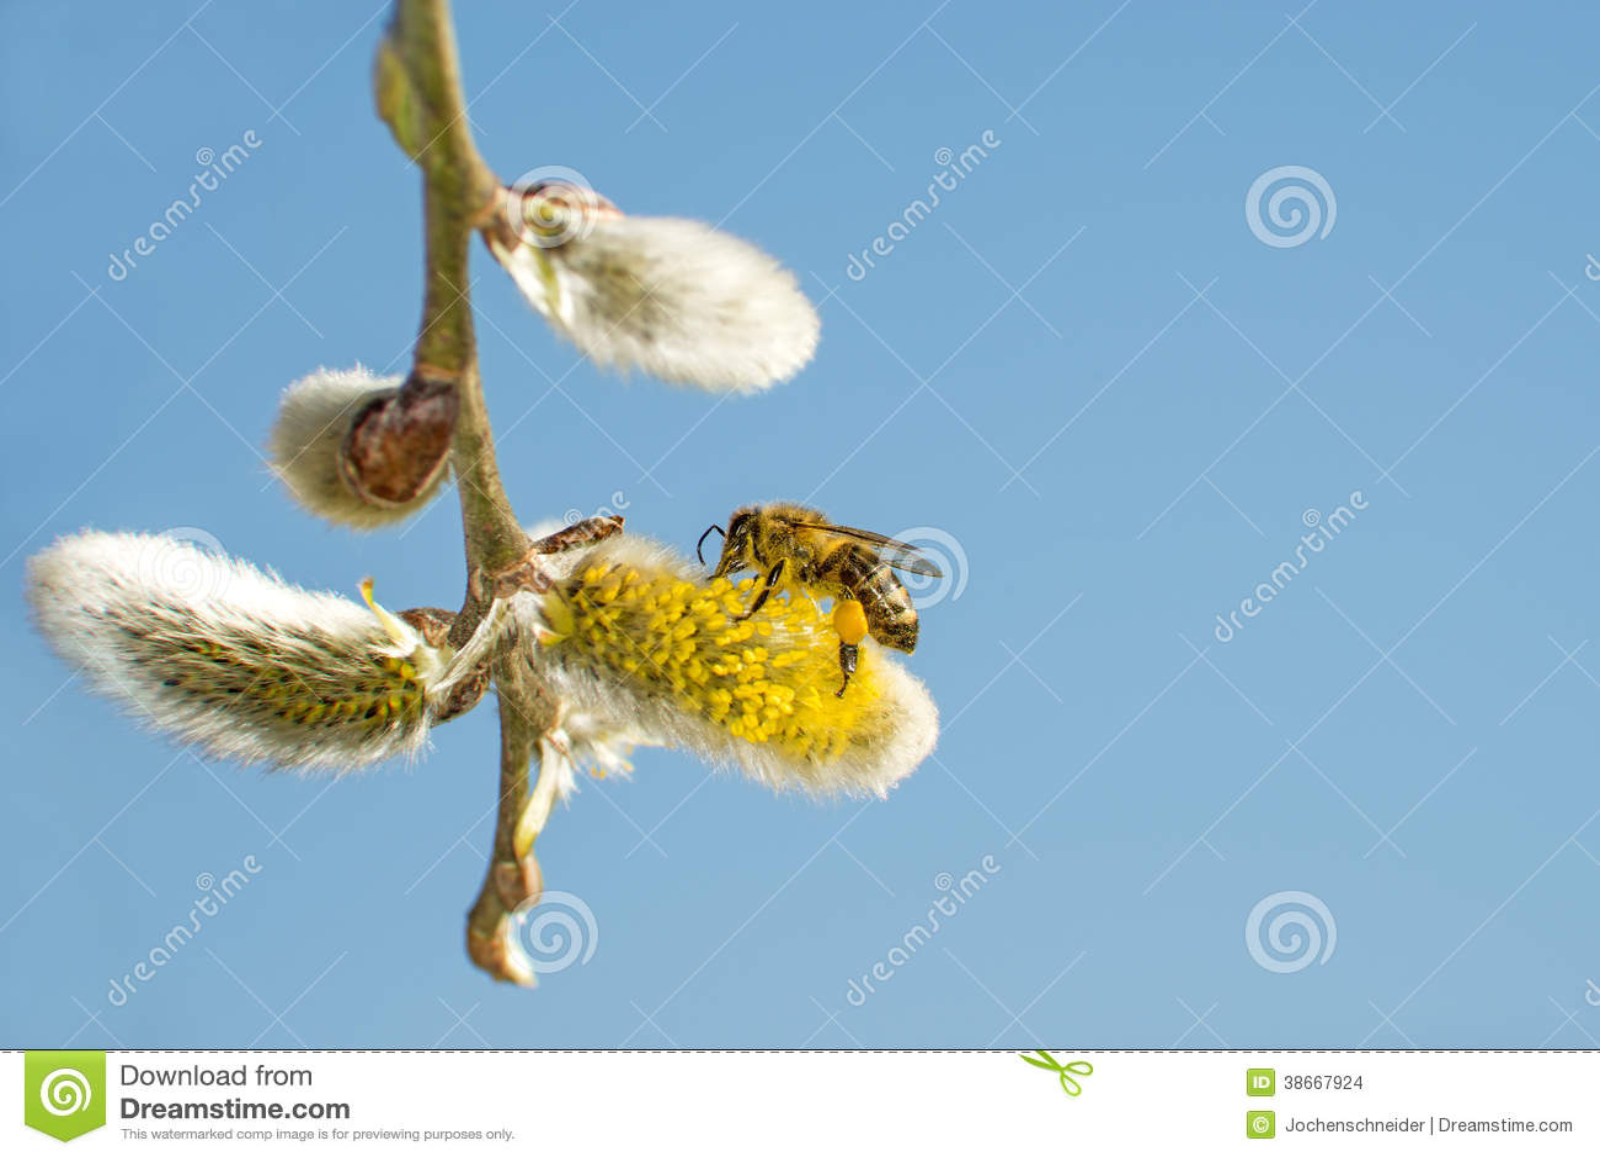 Pilblomning med biet